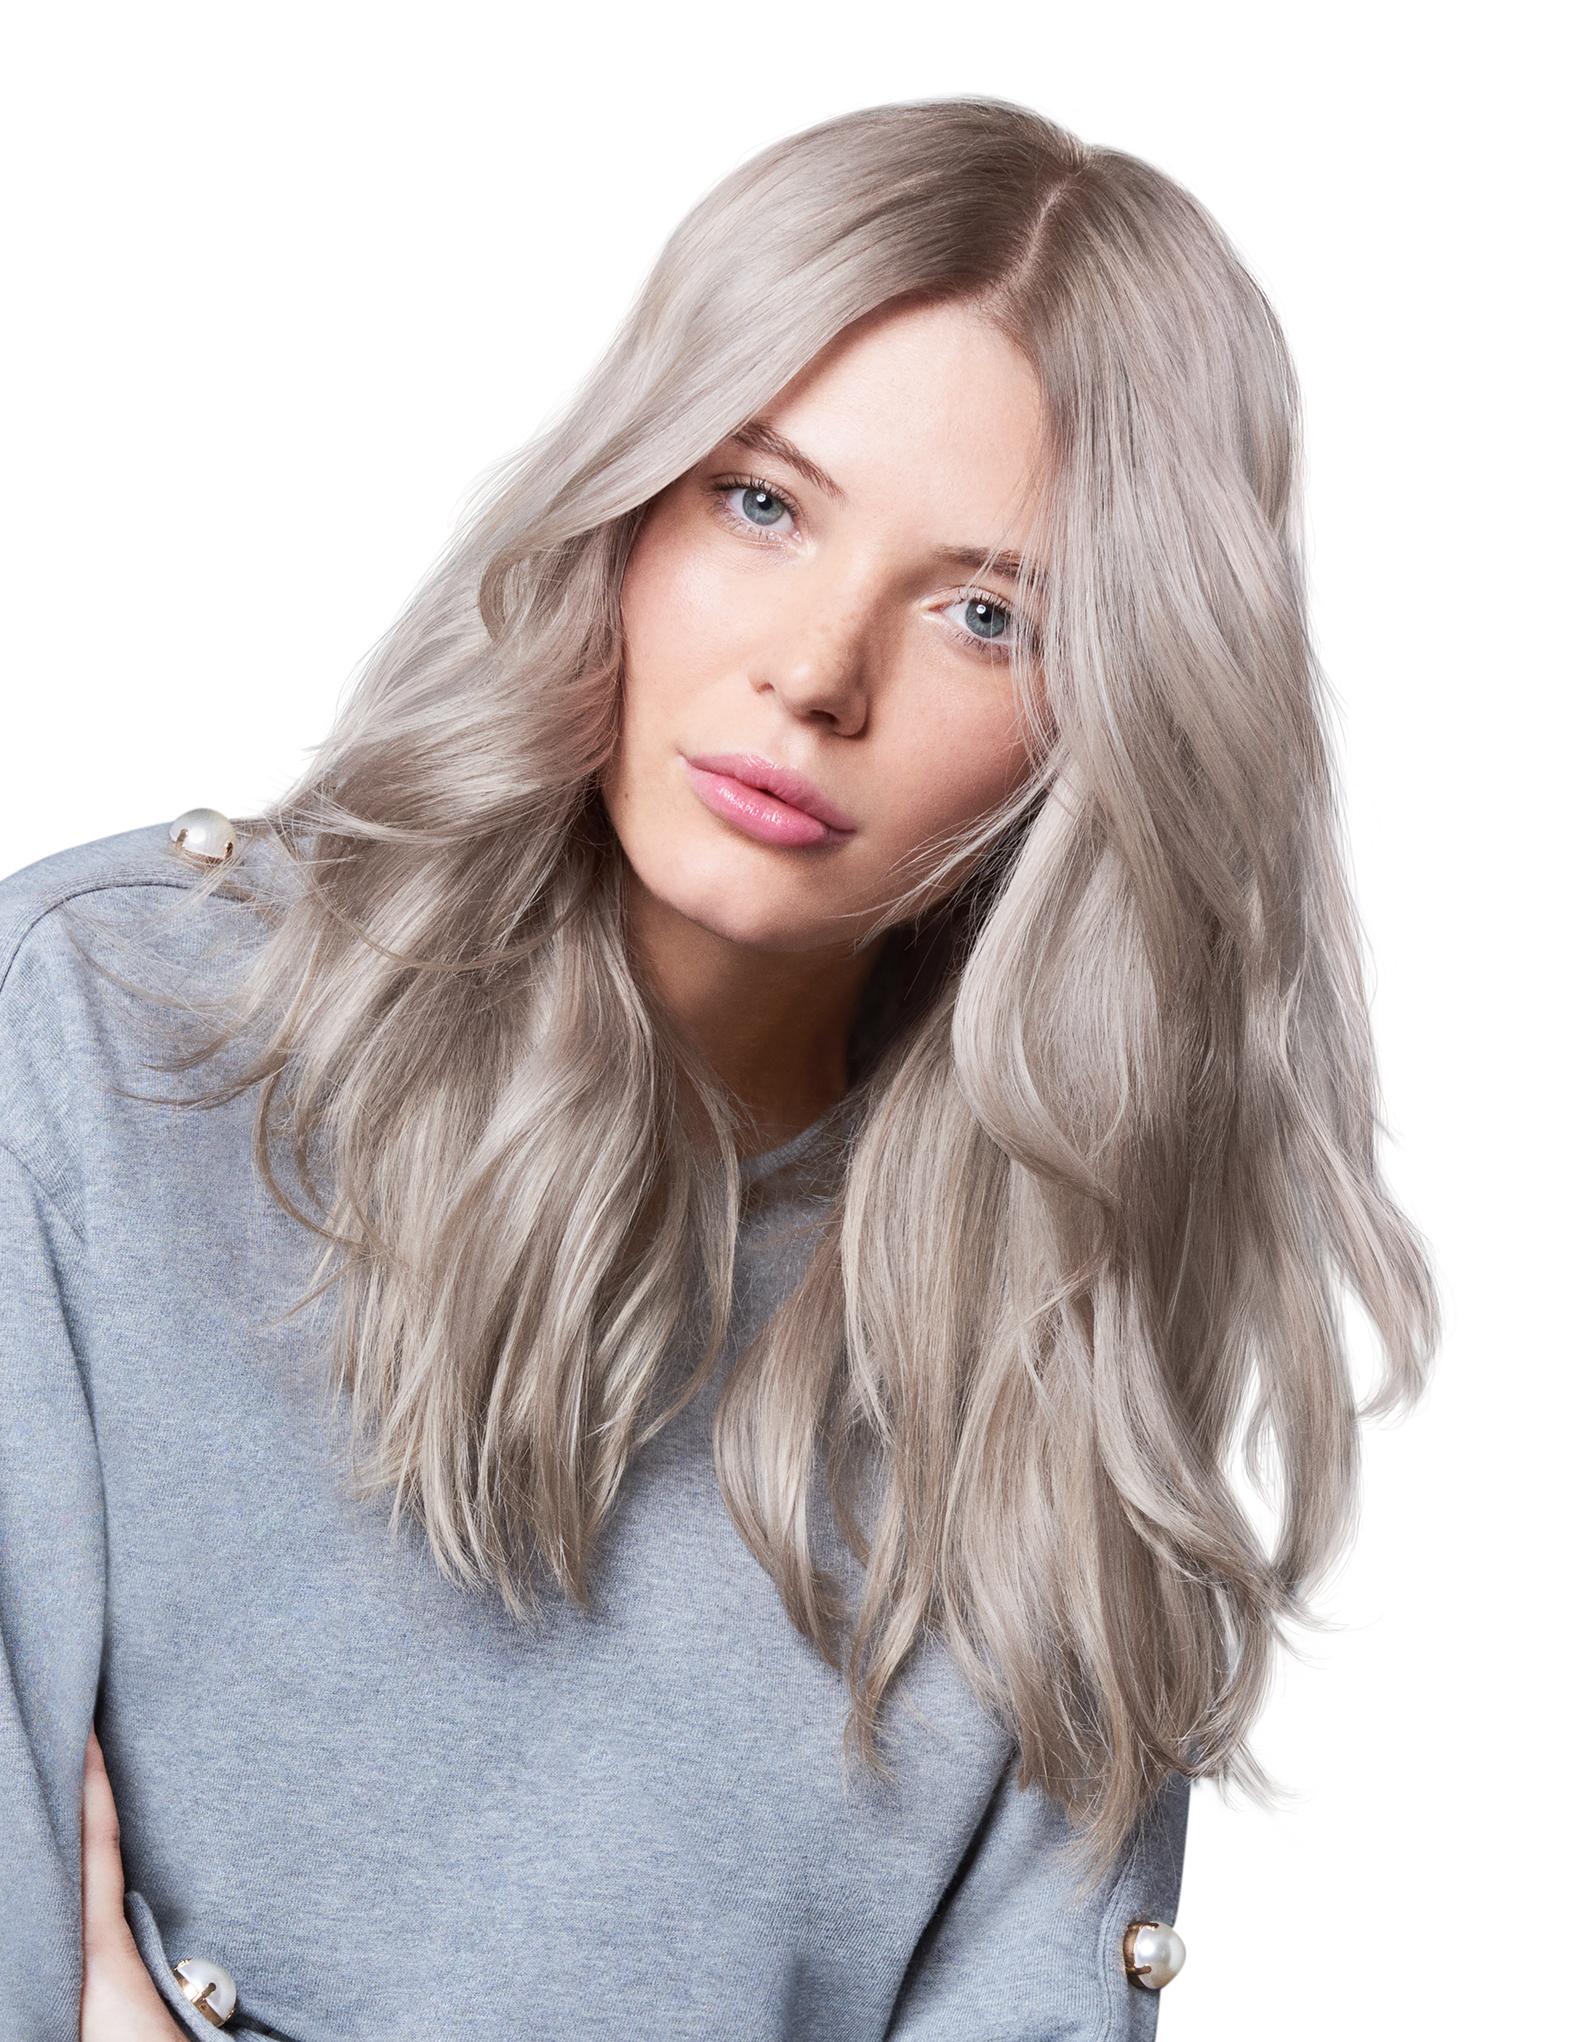 lysne håret selv